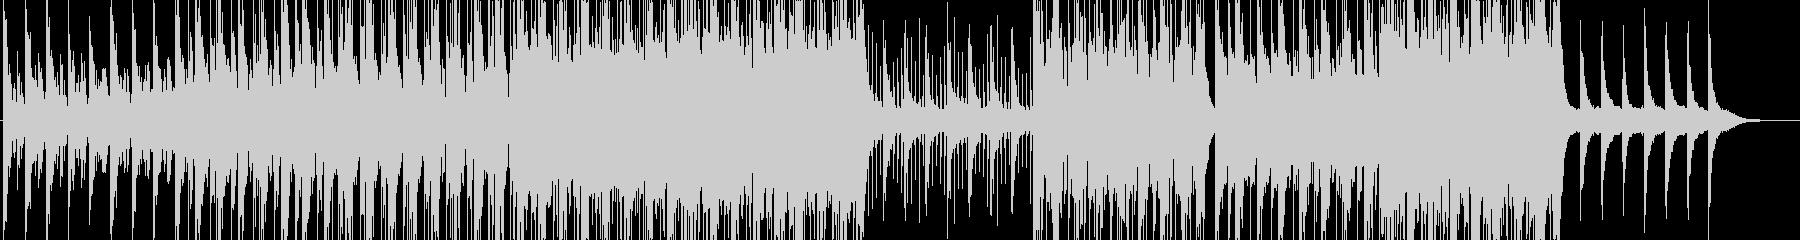 動画-PV-GoPro-SF-エレクトロの未再生の波形